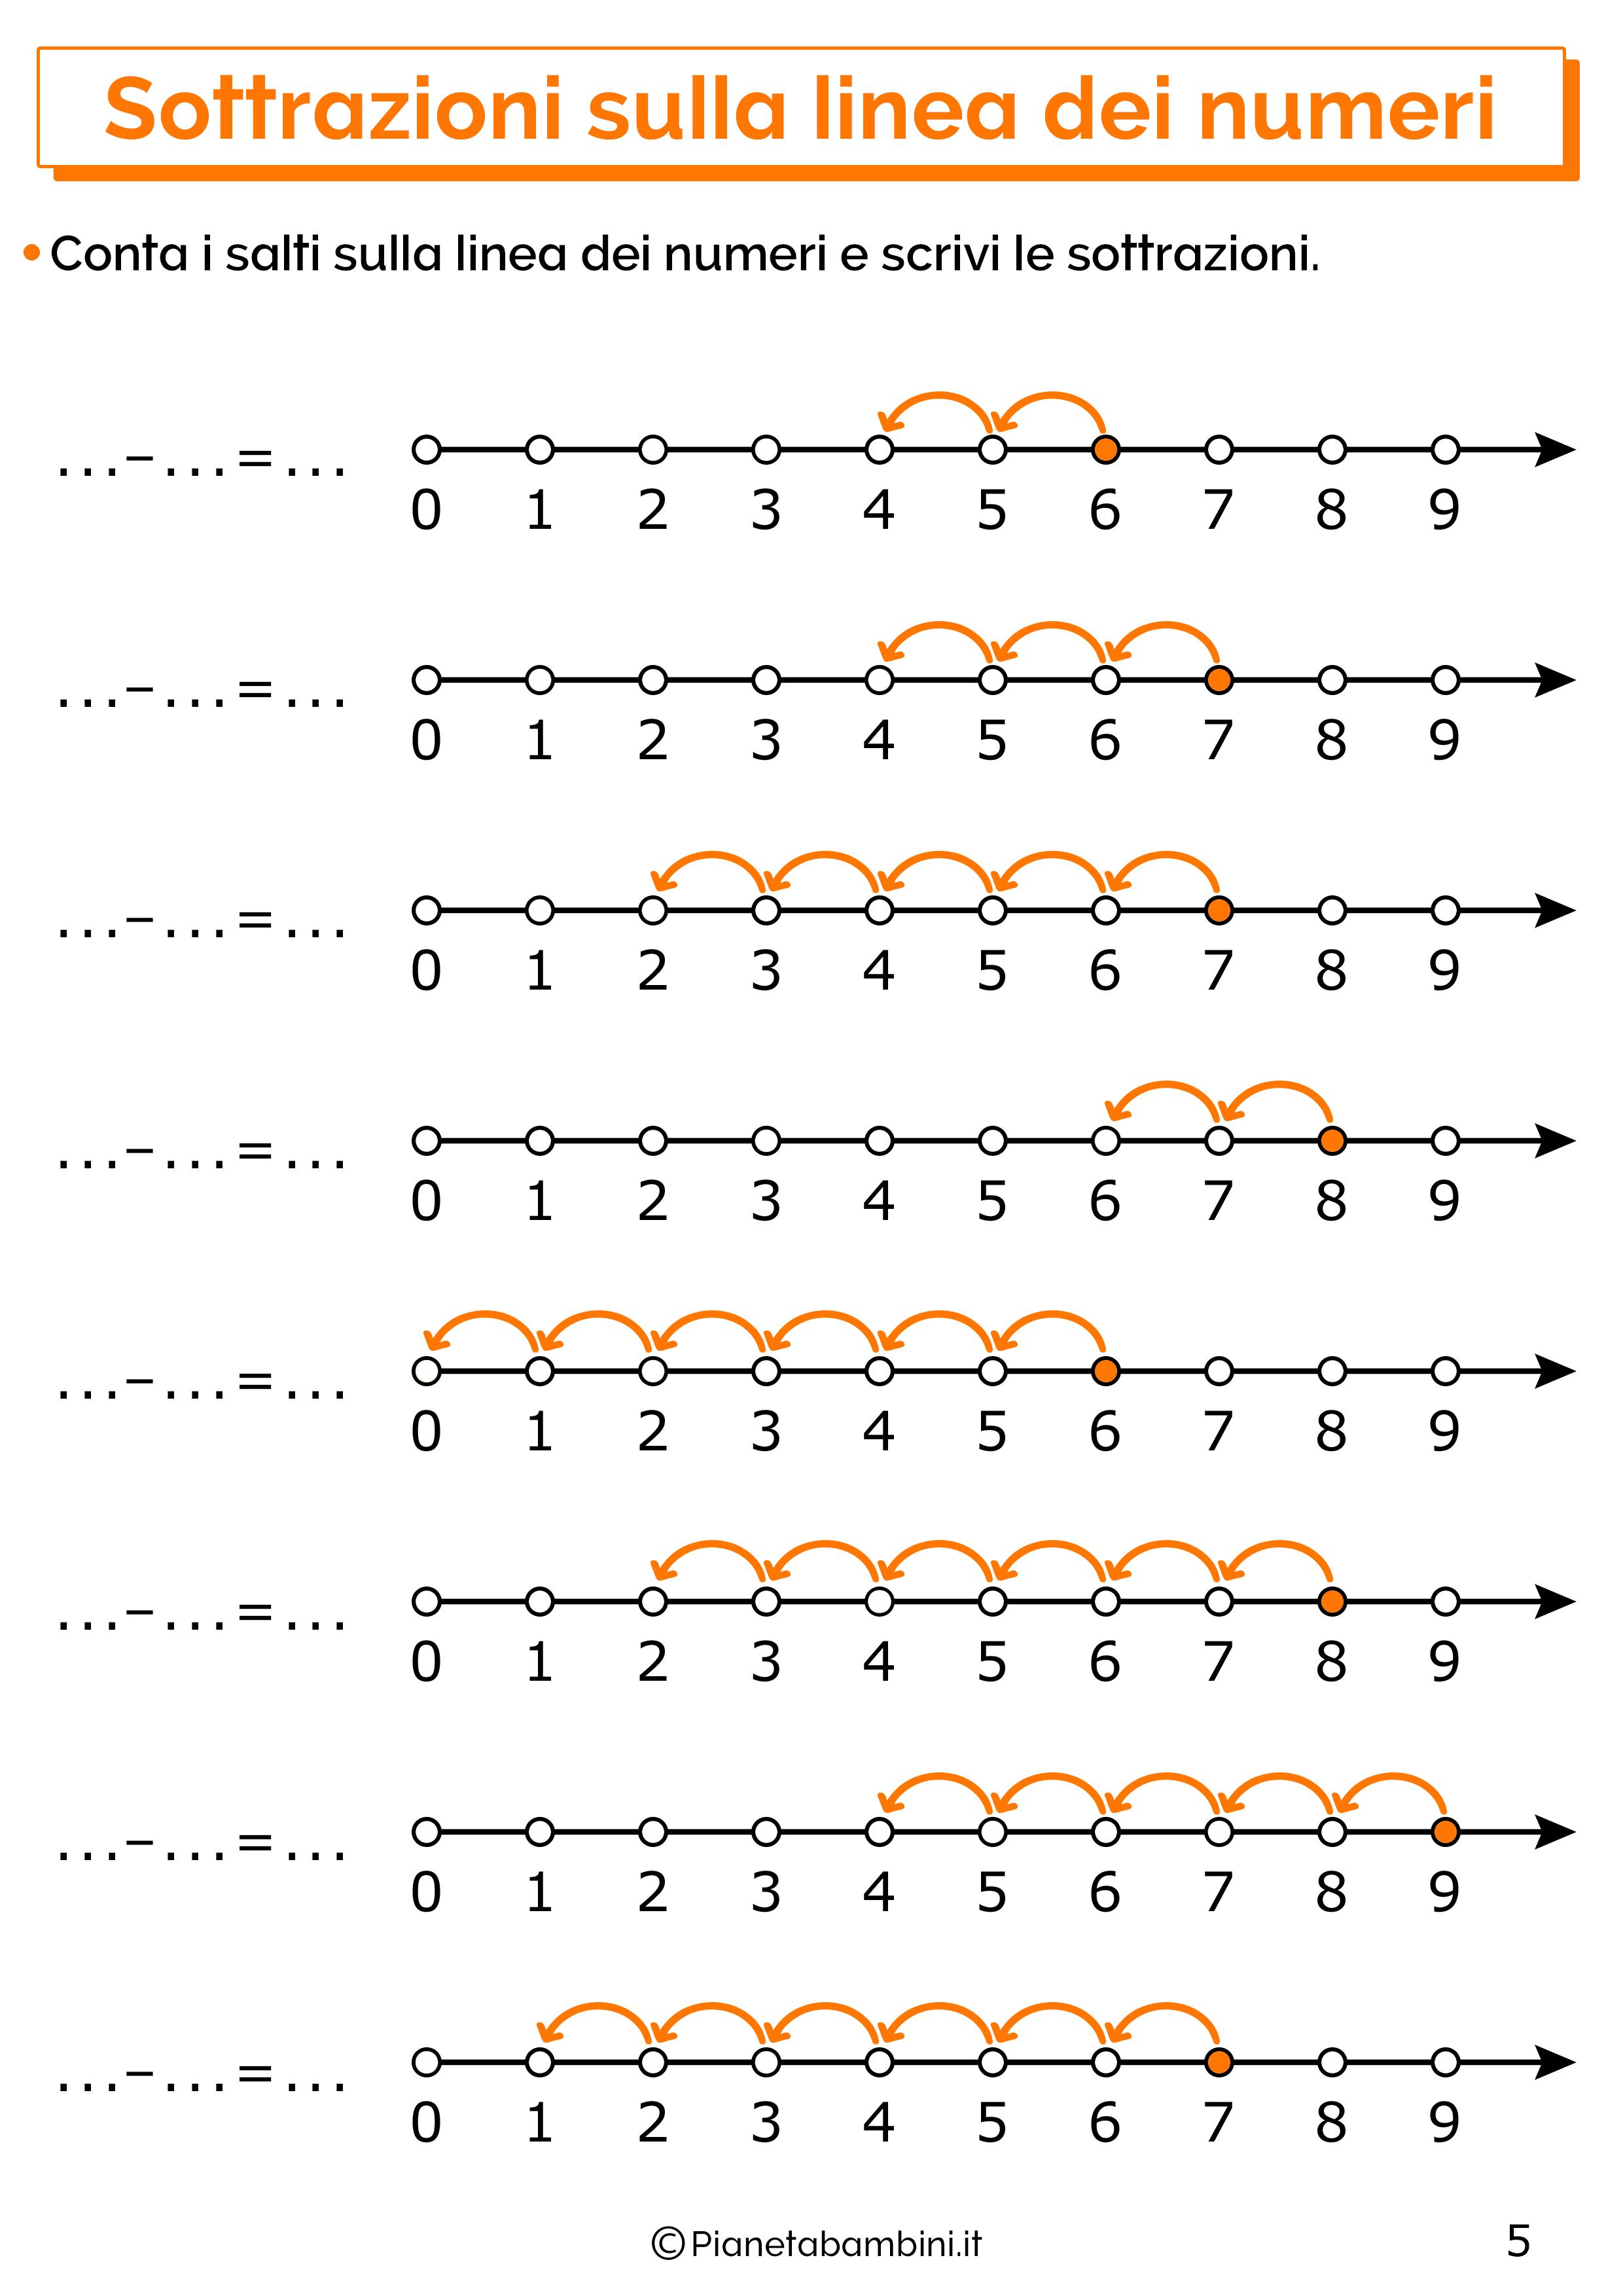 Esercizi sulle sottrazioni sulla linea dei numeri 05